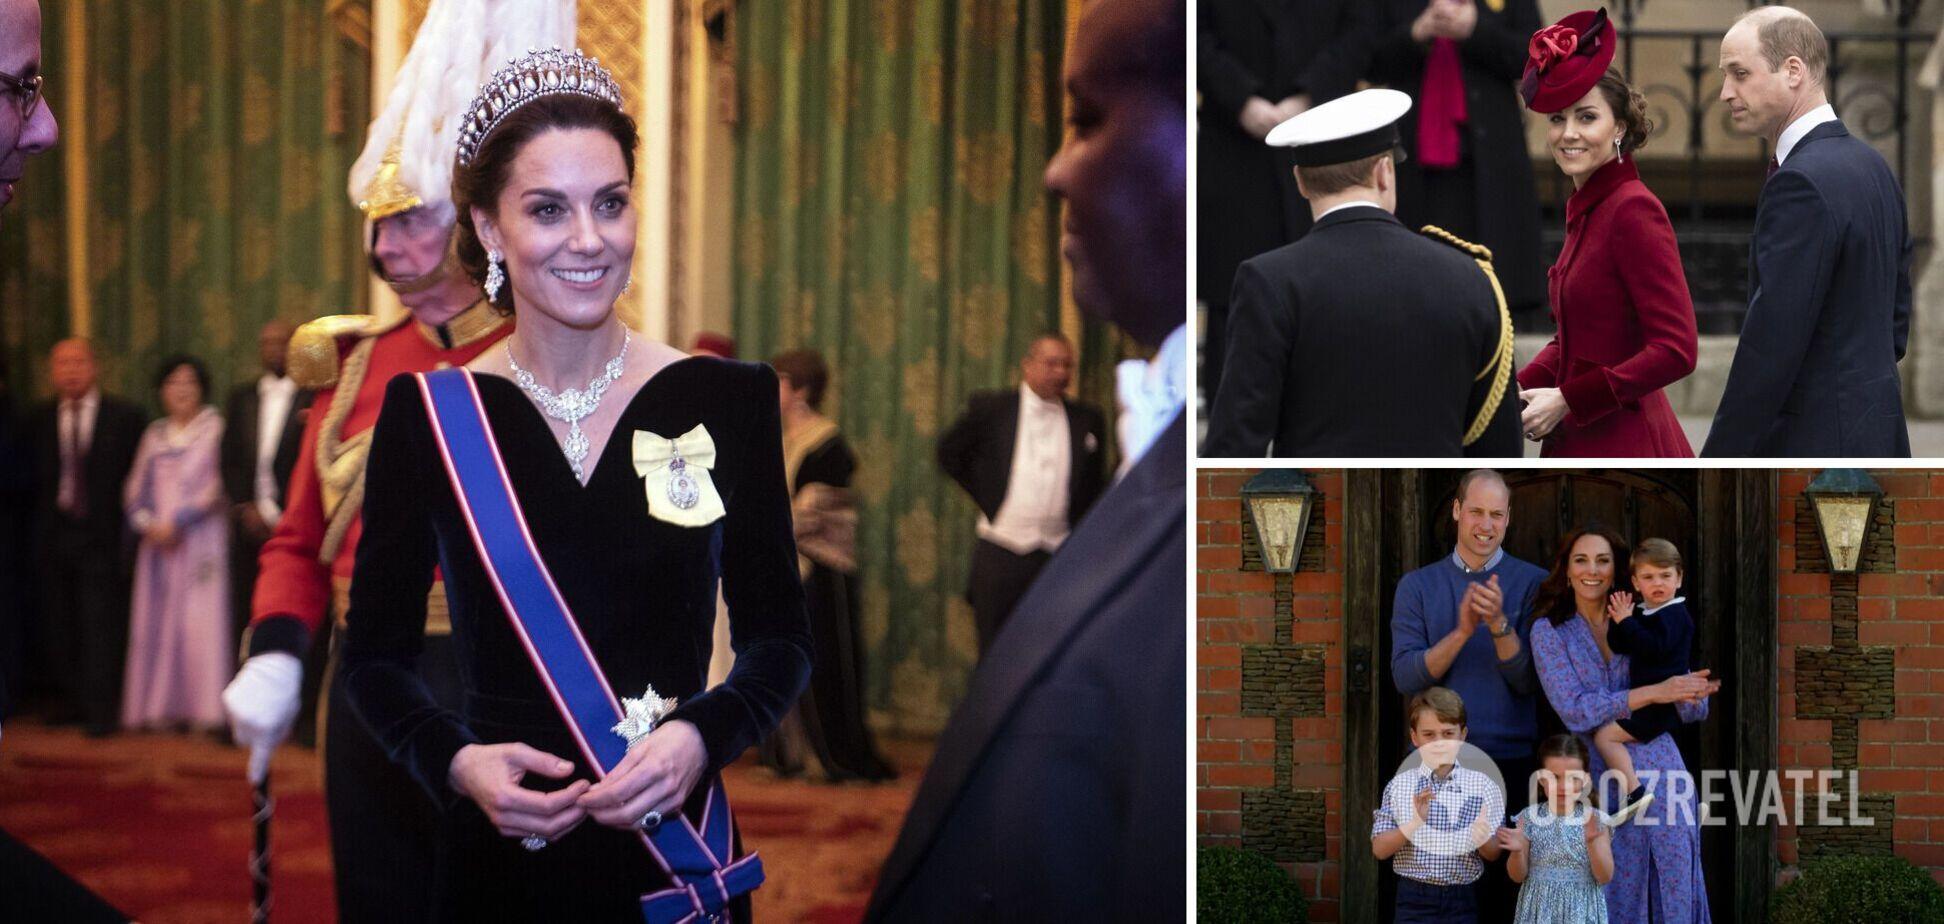 Кейт Миддлтон – Леди Совершенство: как создавался образ и стиль Герцогини Кембриджской